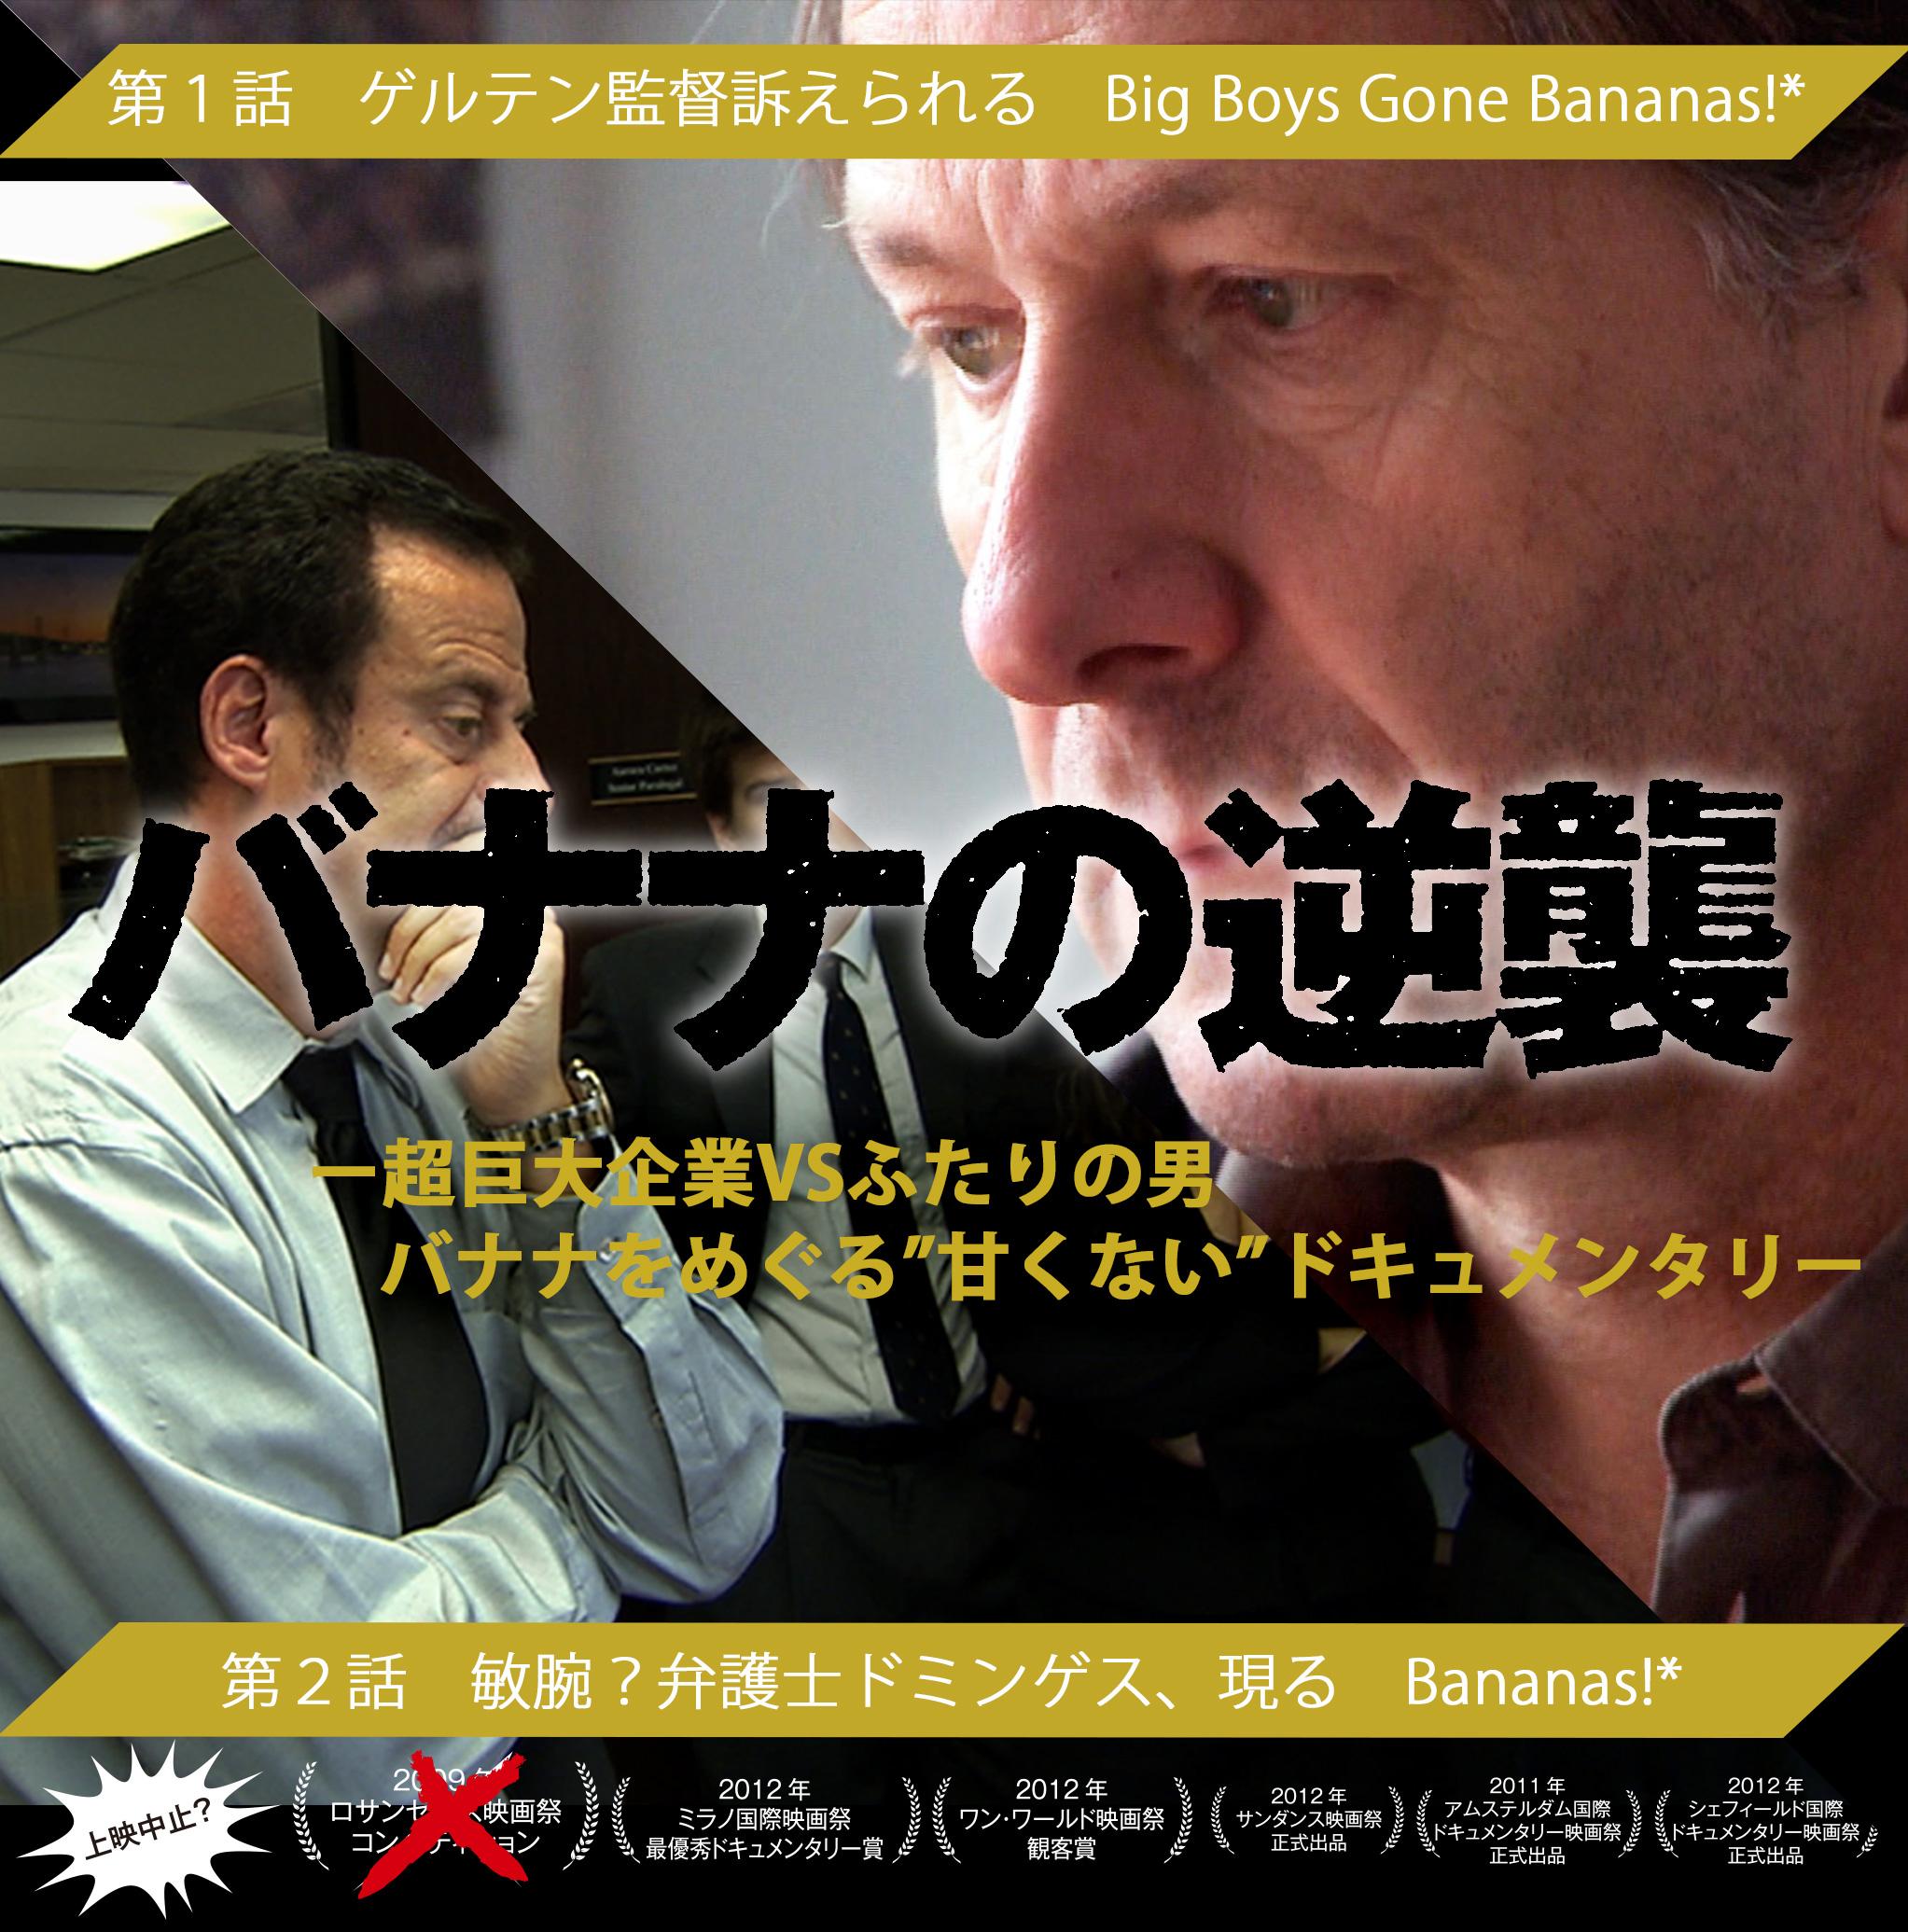 ドキュメンタリー映画『バナナの...